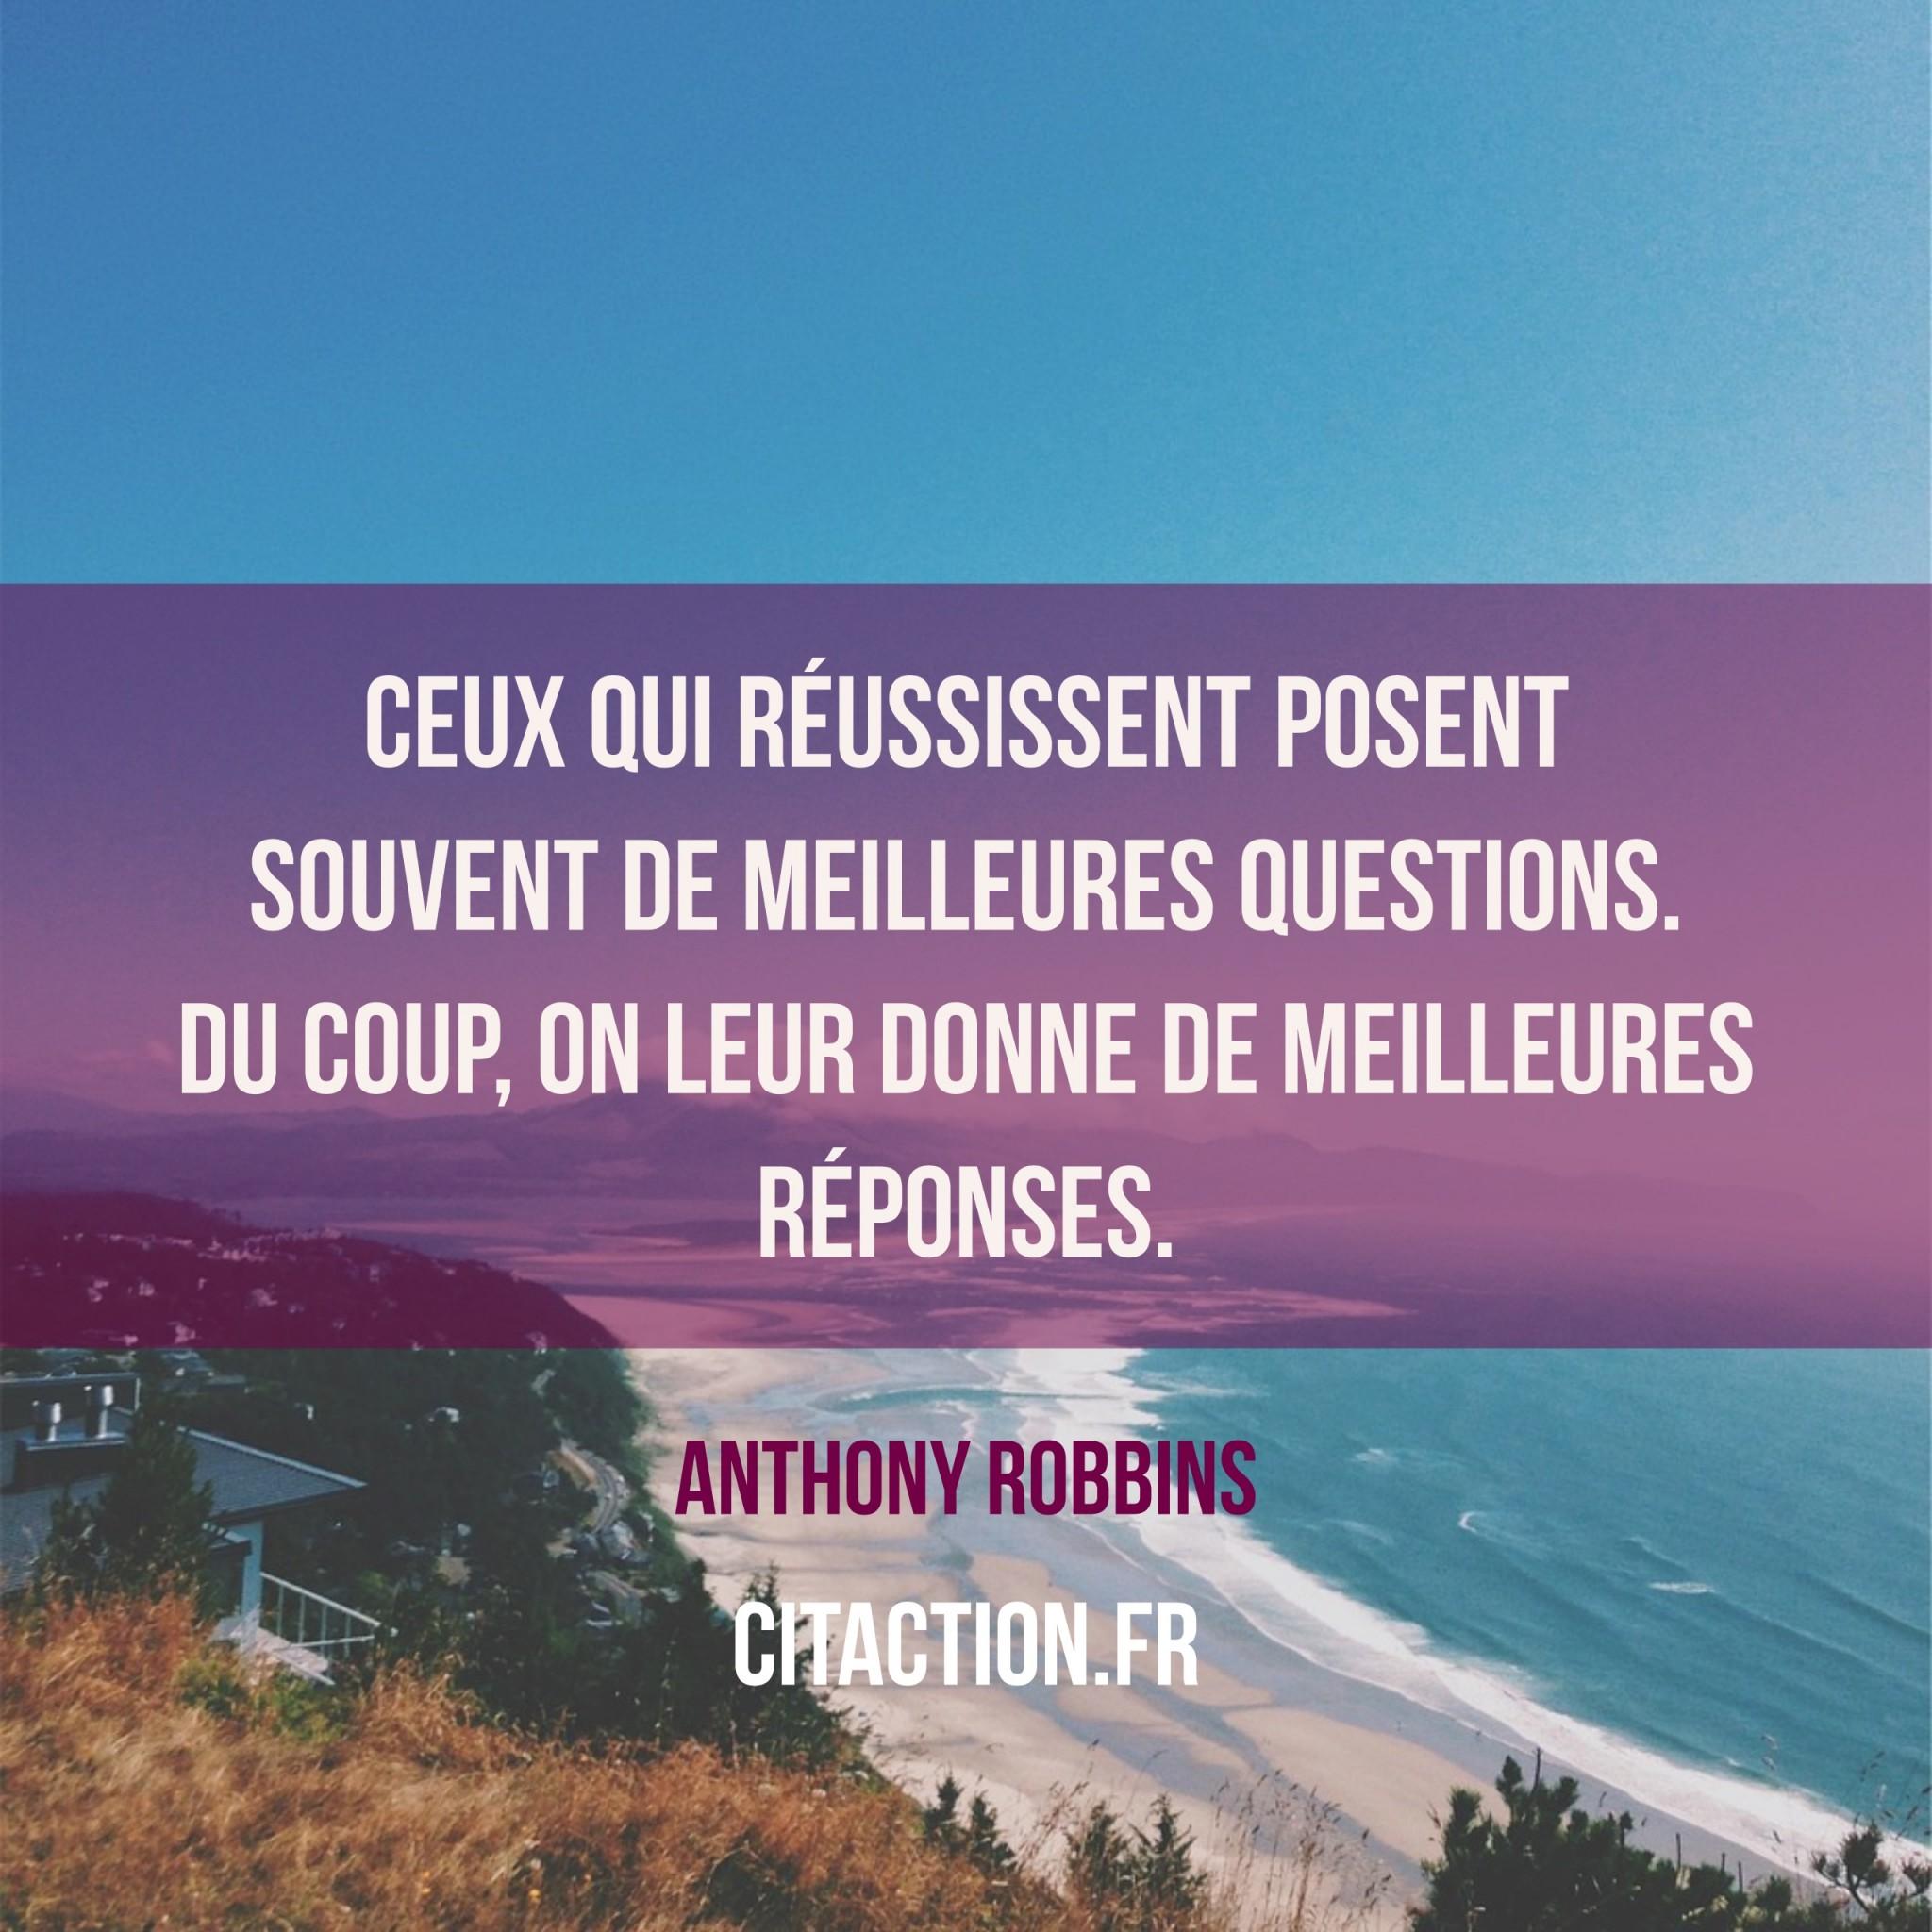 Ceux qui réussissent posent souvent de meilleures questions.